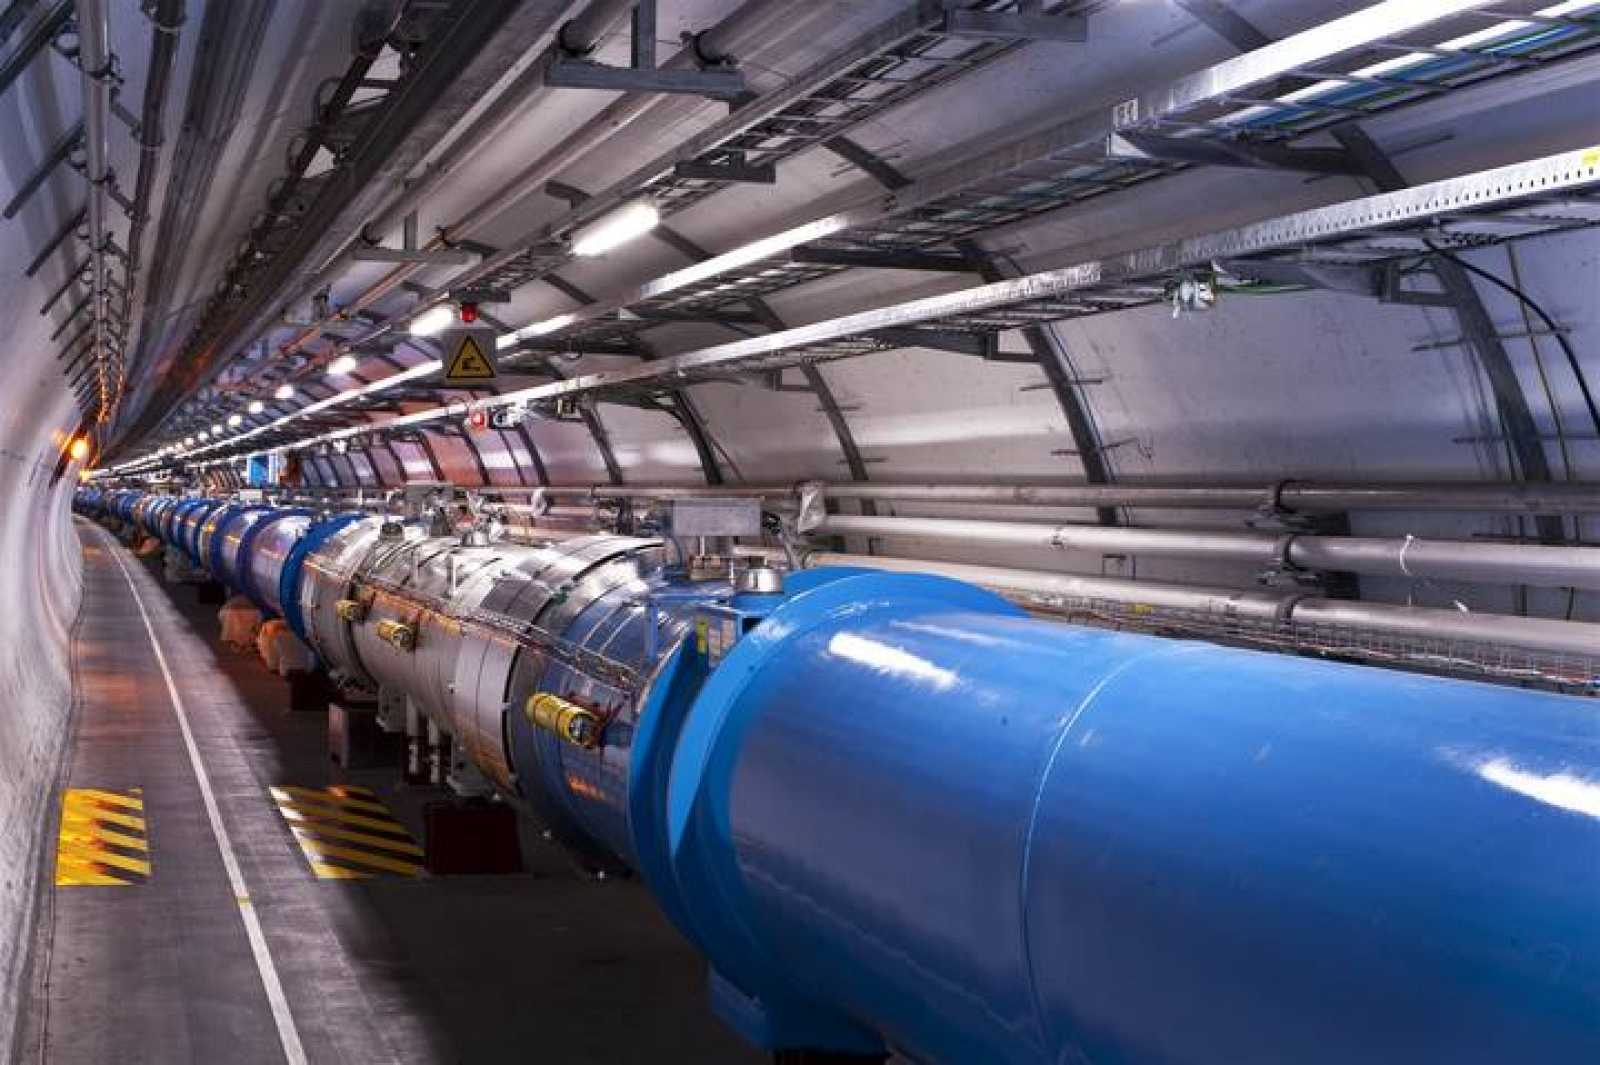 El tunel del LHC en el CERN